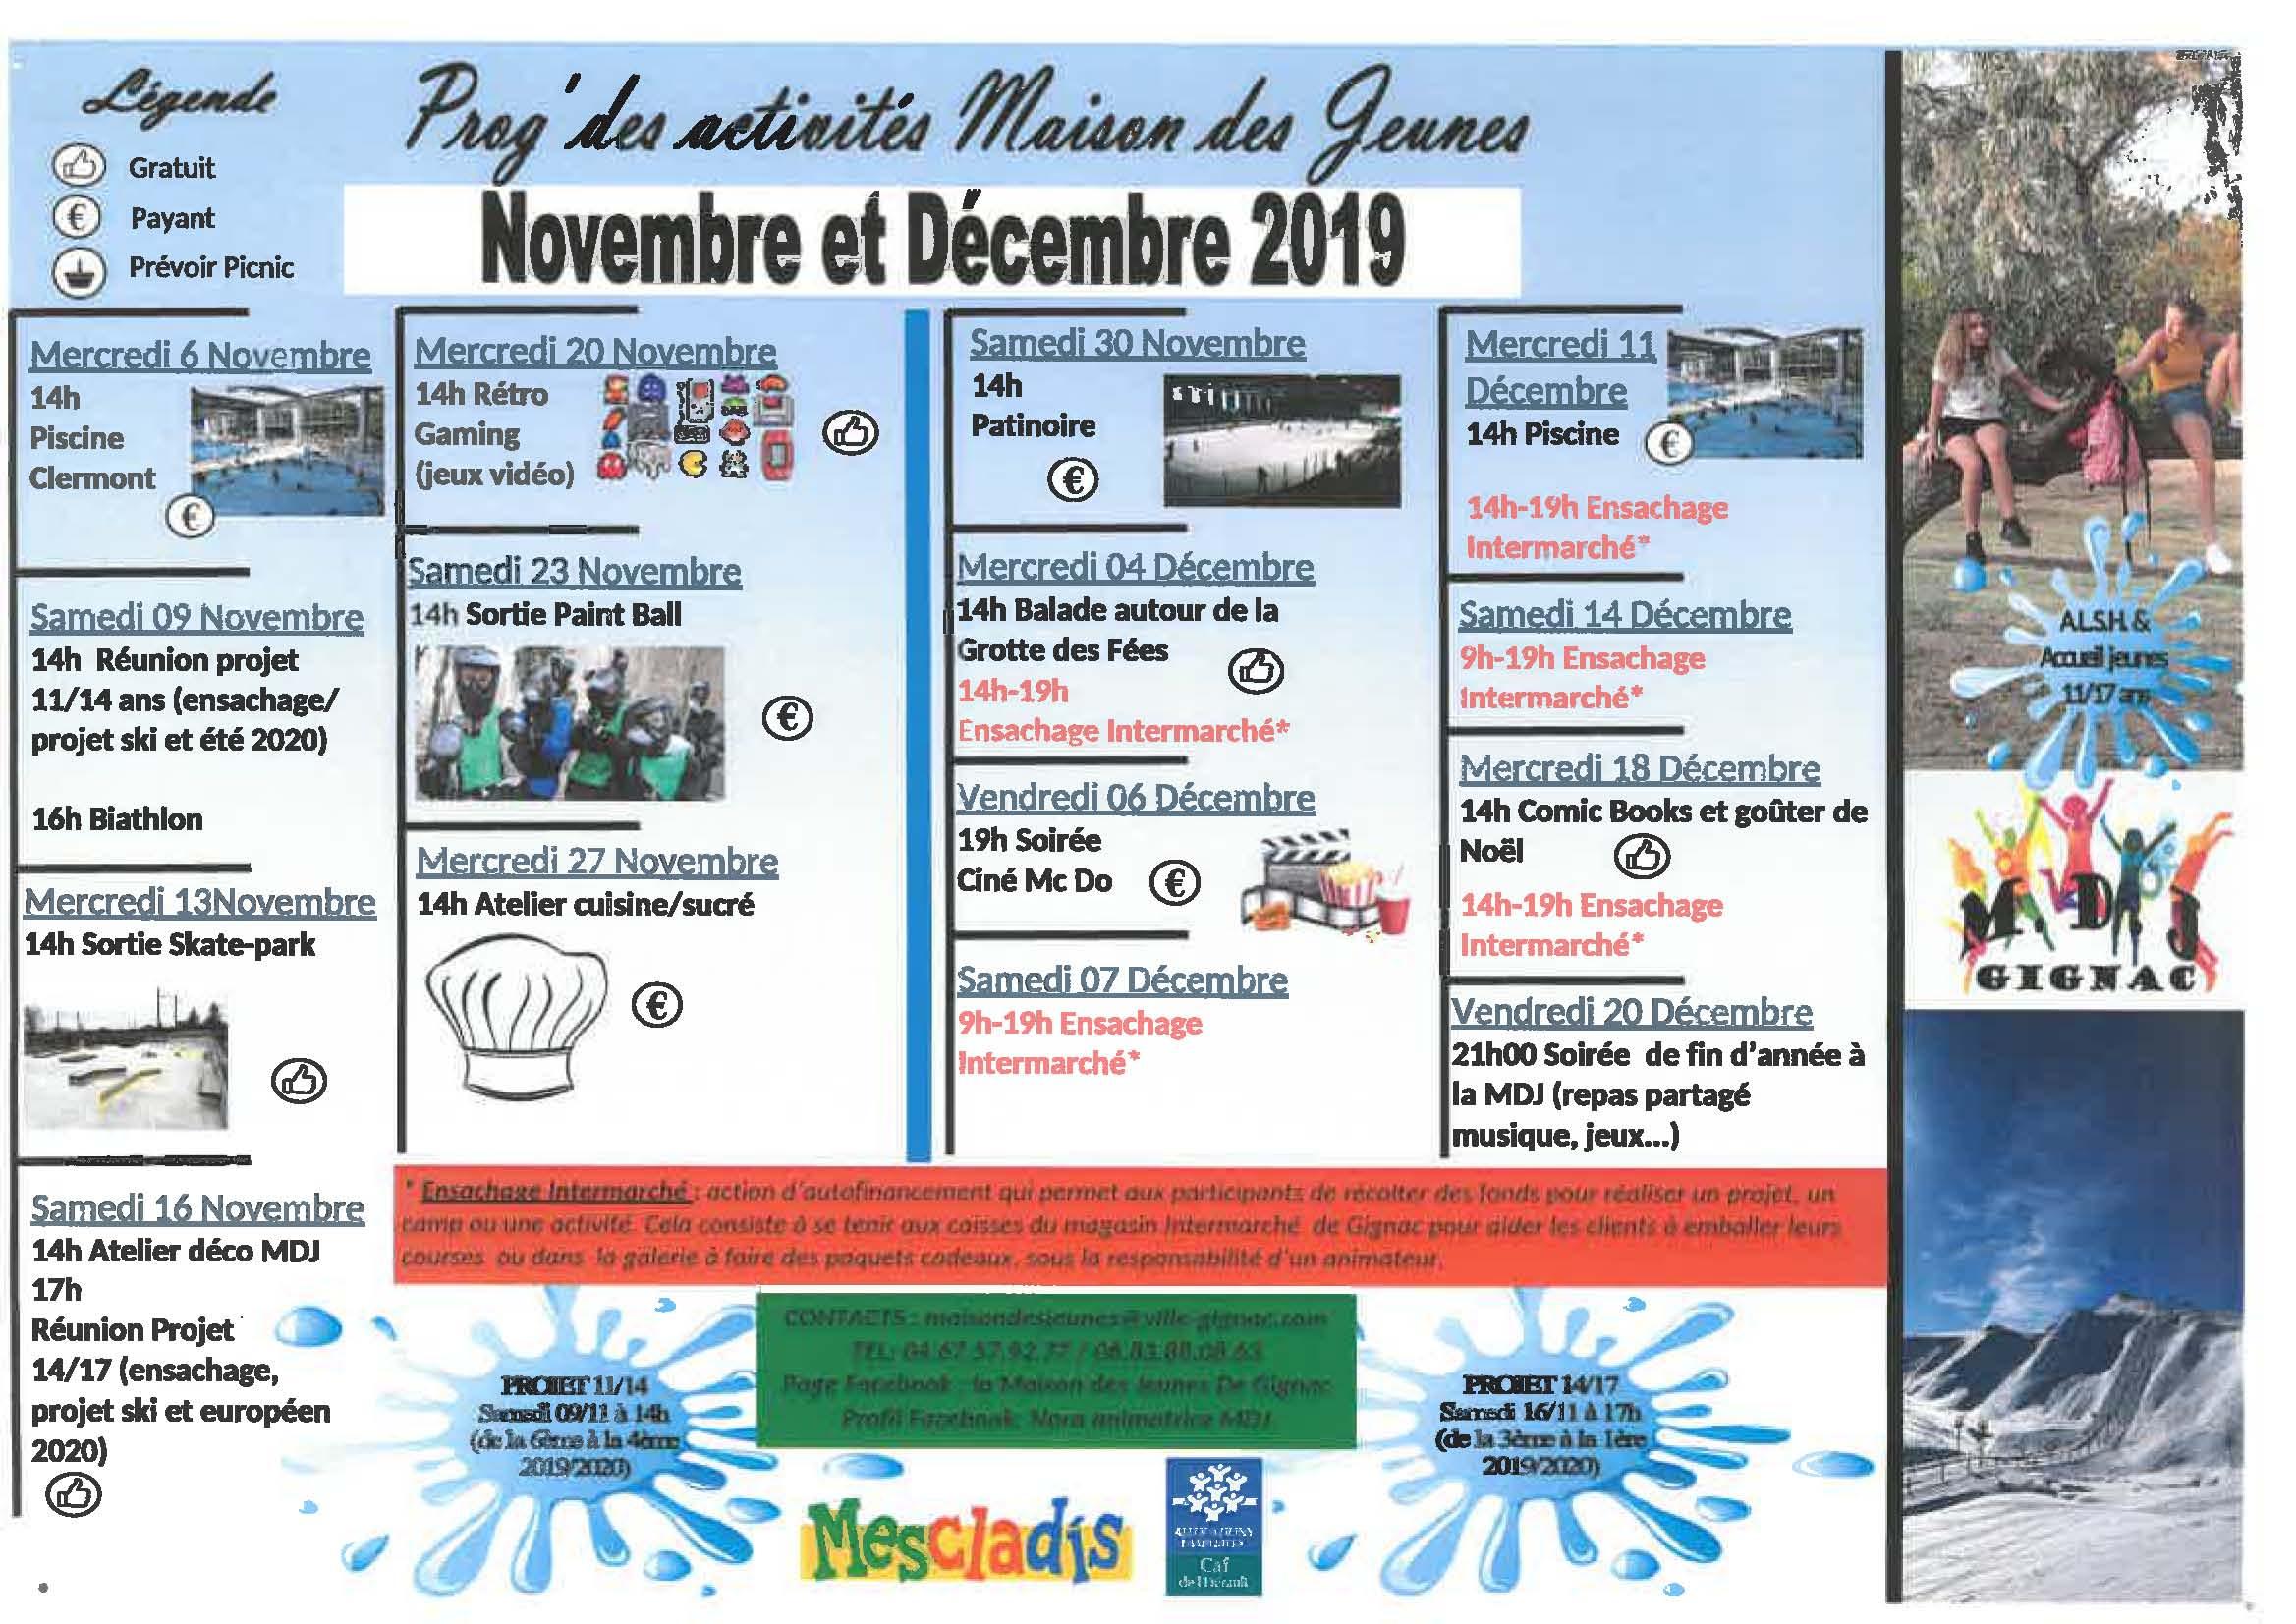 planning maison des jeunes novembre decembre